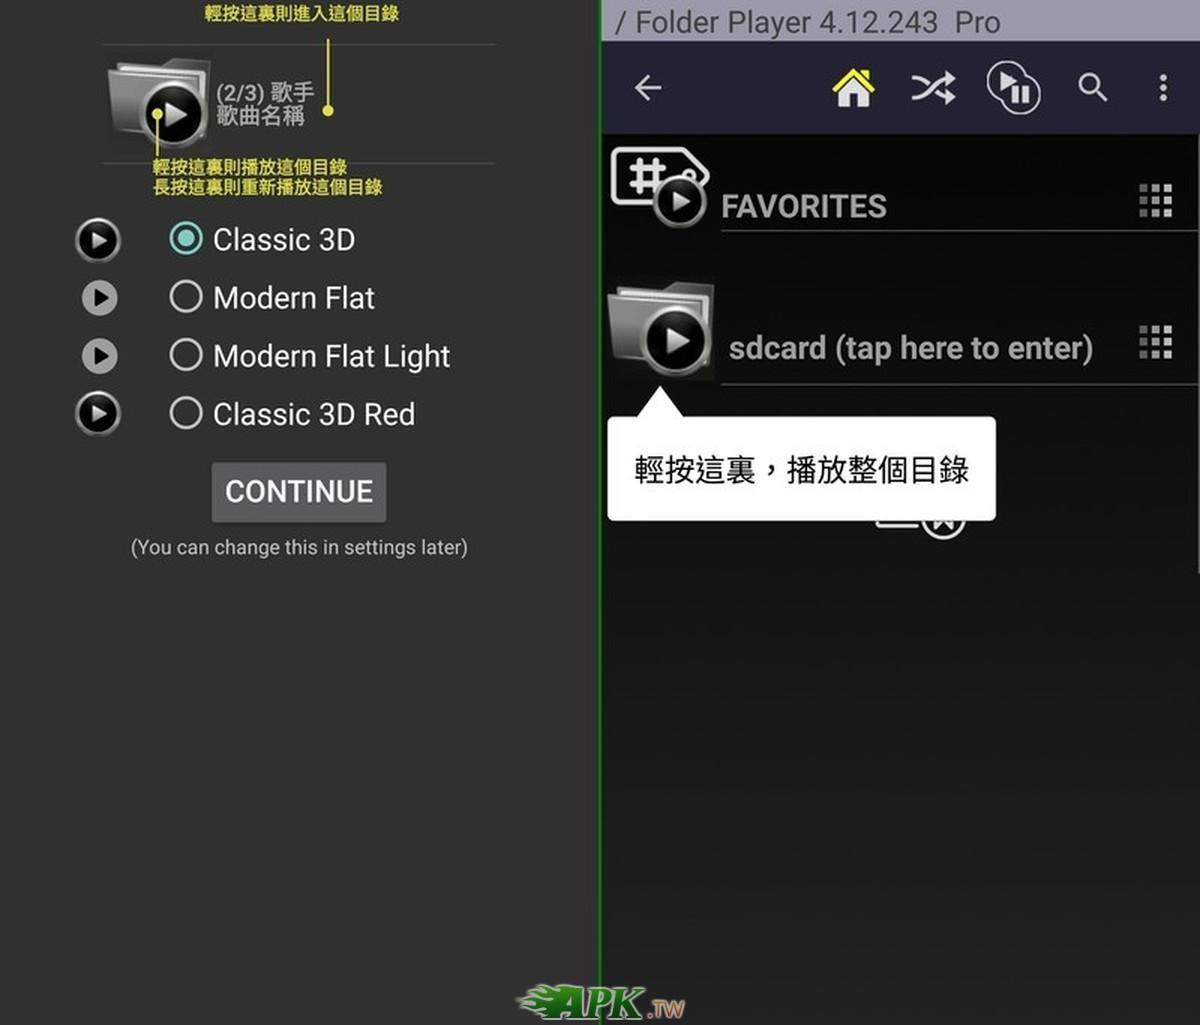 FolderPlayer__1.jpg